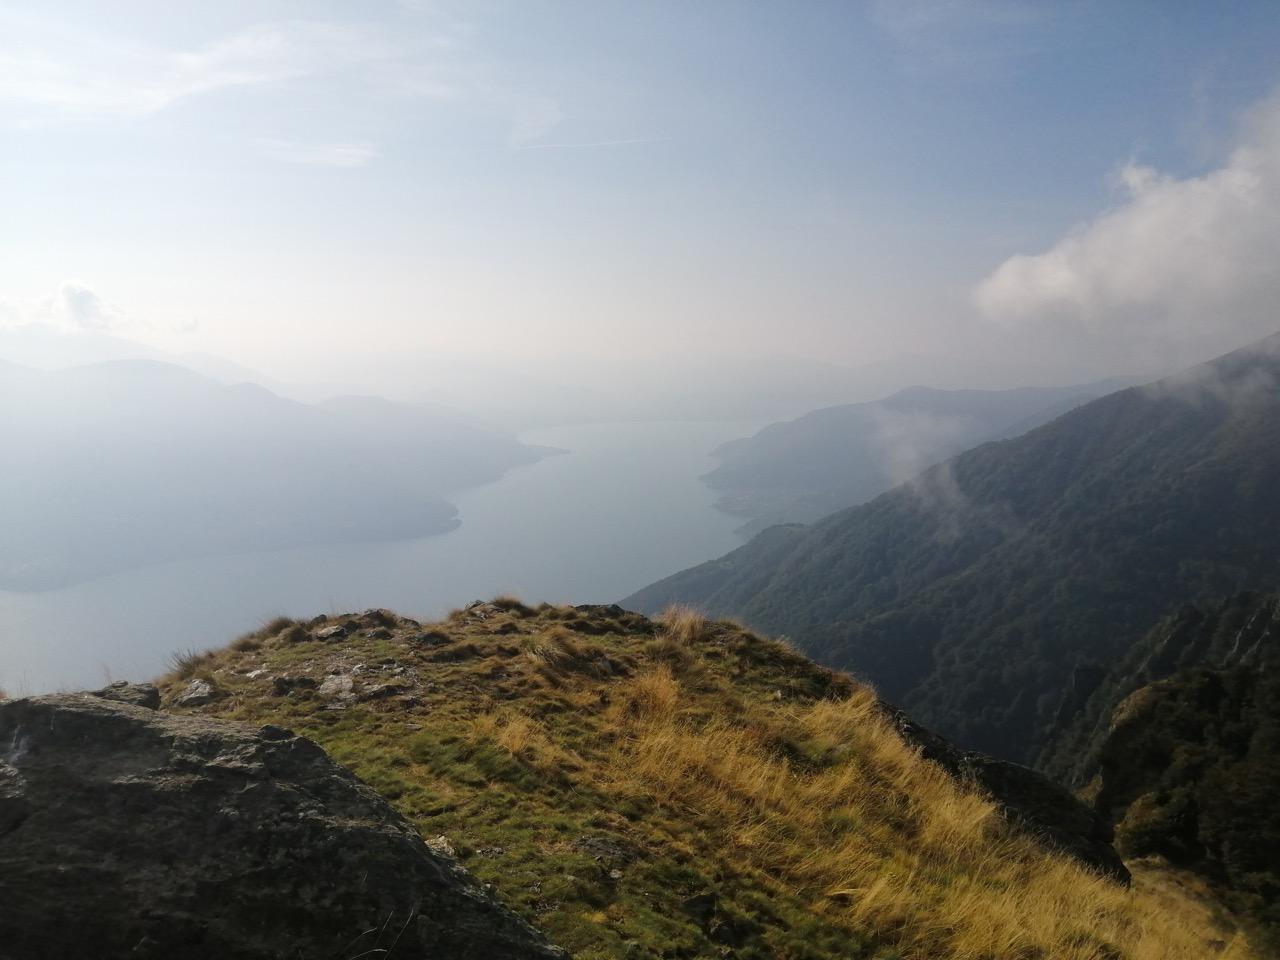 Tiefblick vom Pizzo di Leone zum Lago Maggiore